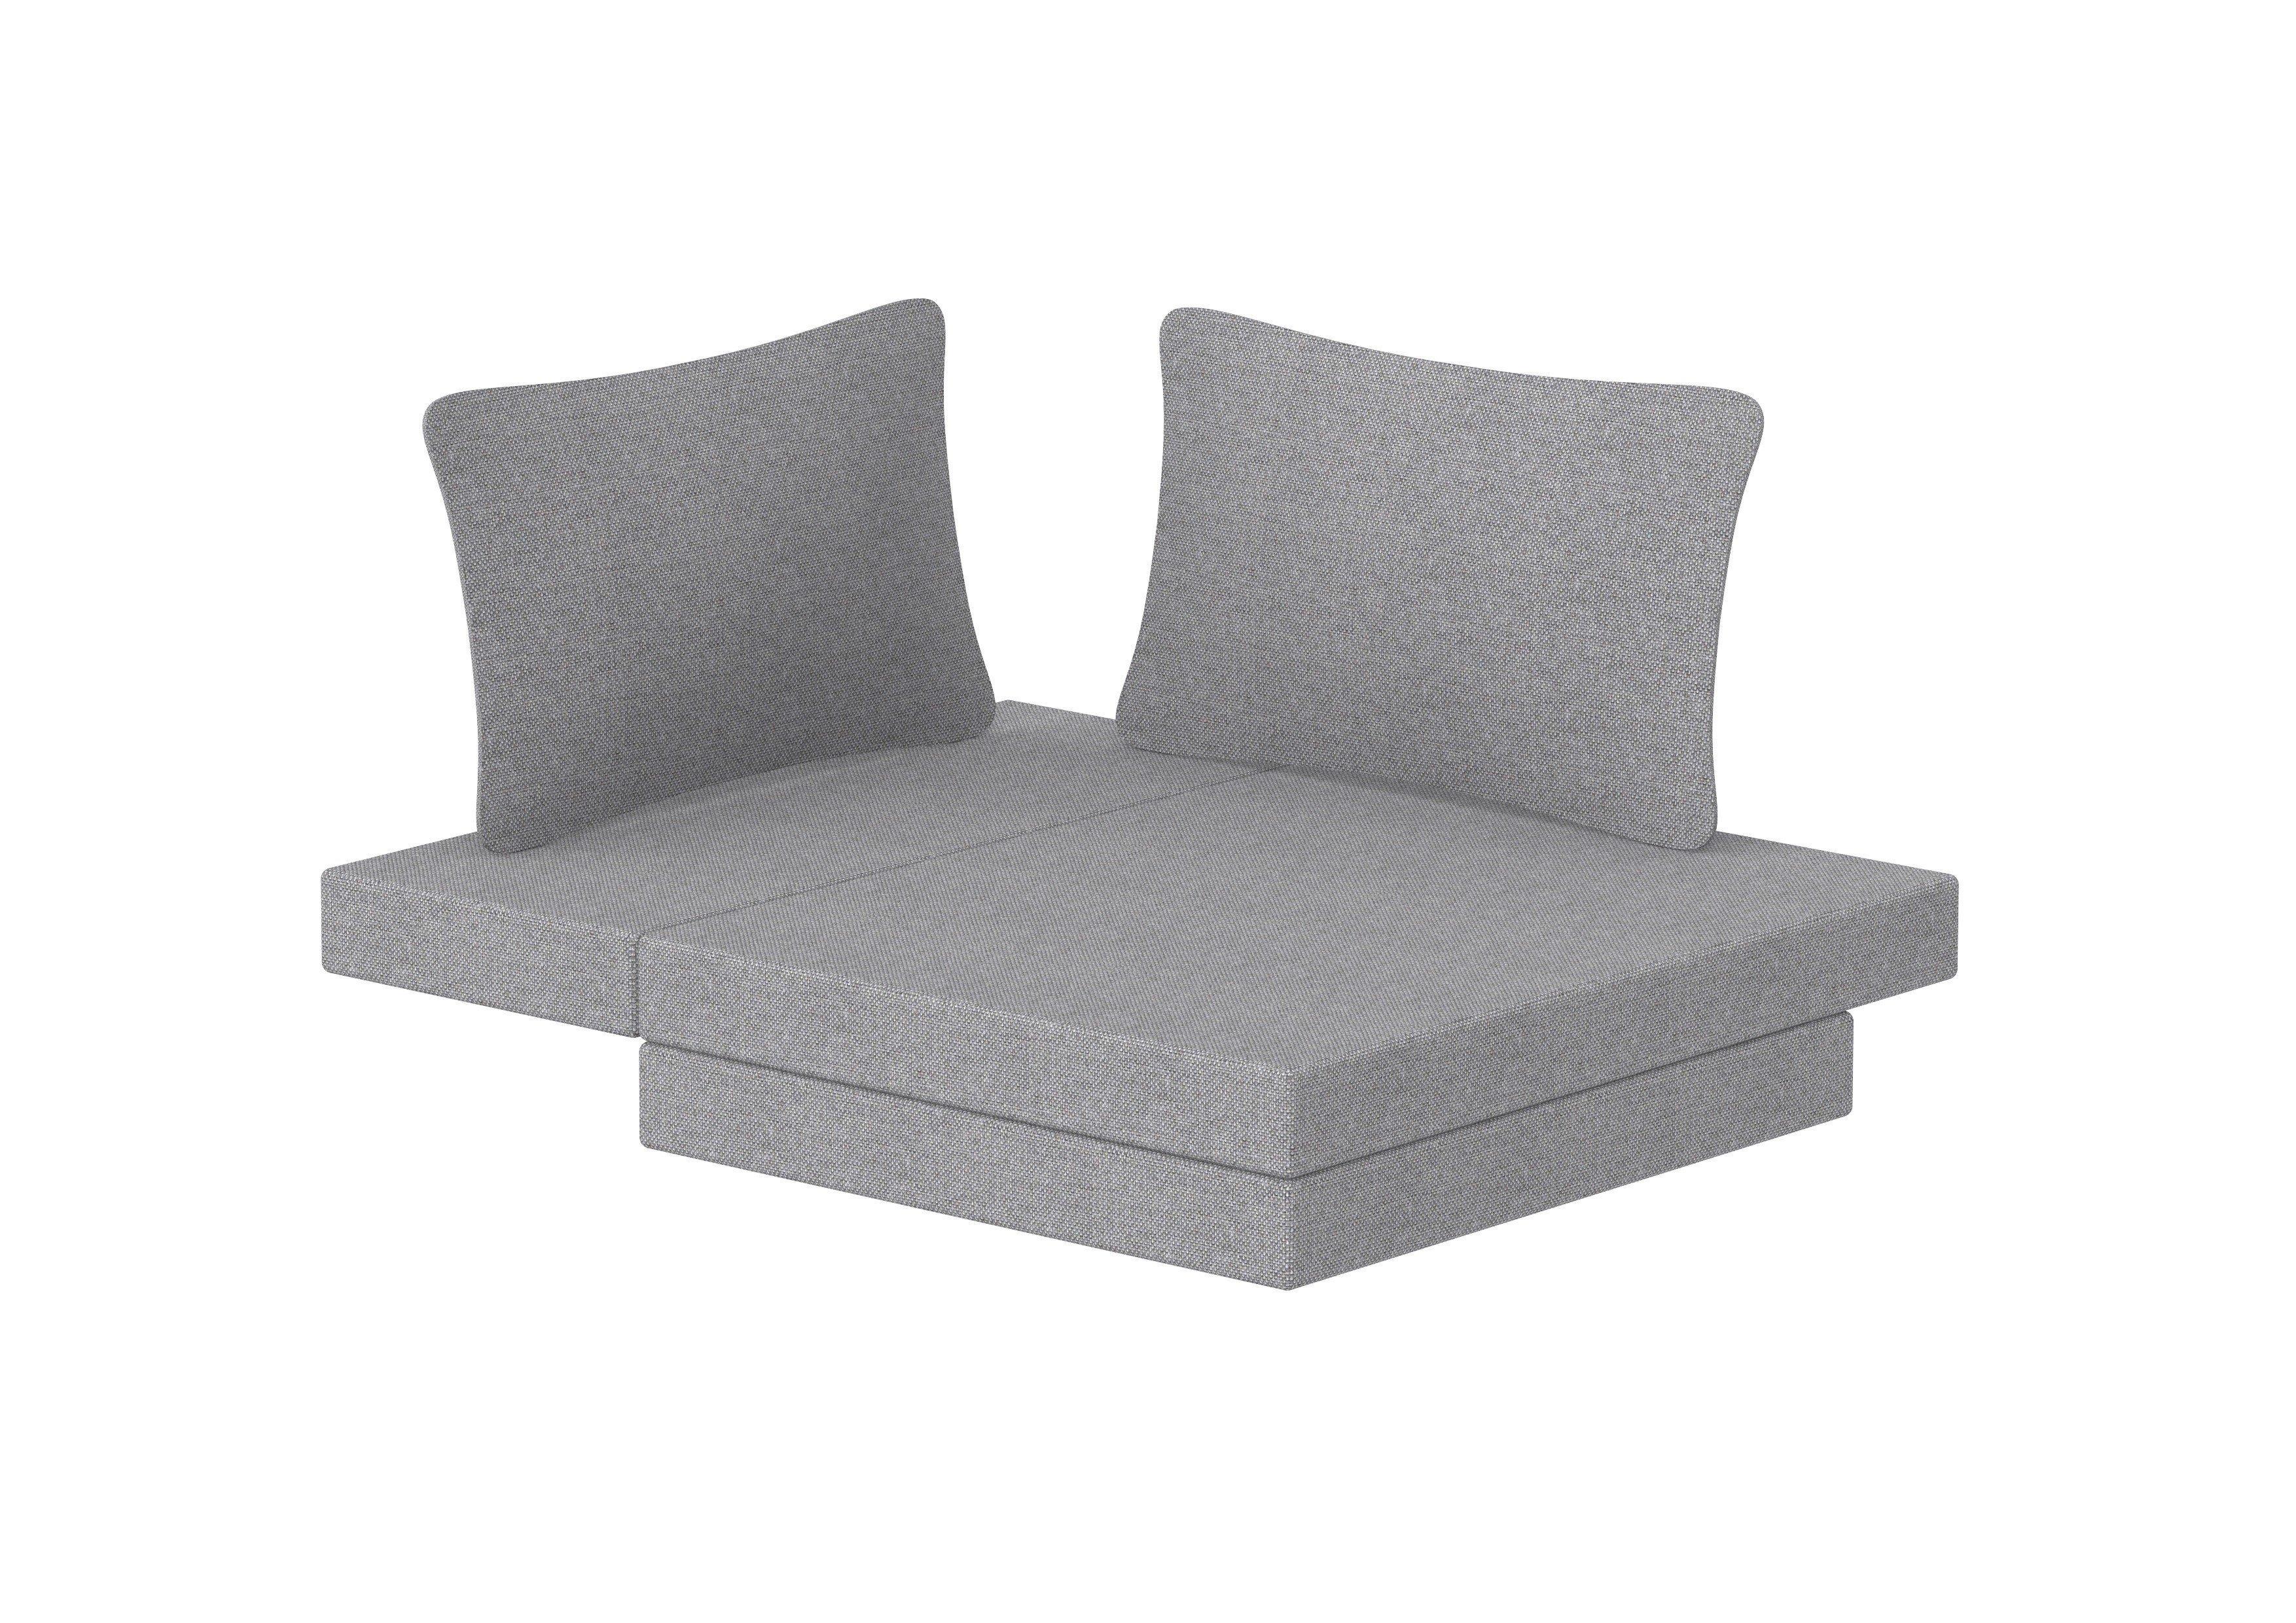 Flexa Etagenbett Classic Preis : Flexa hochbett classic mit sofabett kiefer weiß möbel letz ihr